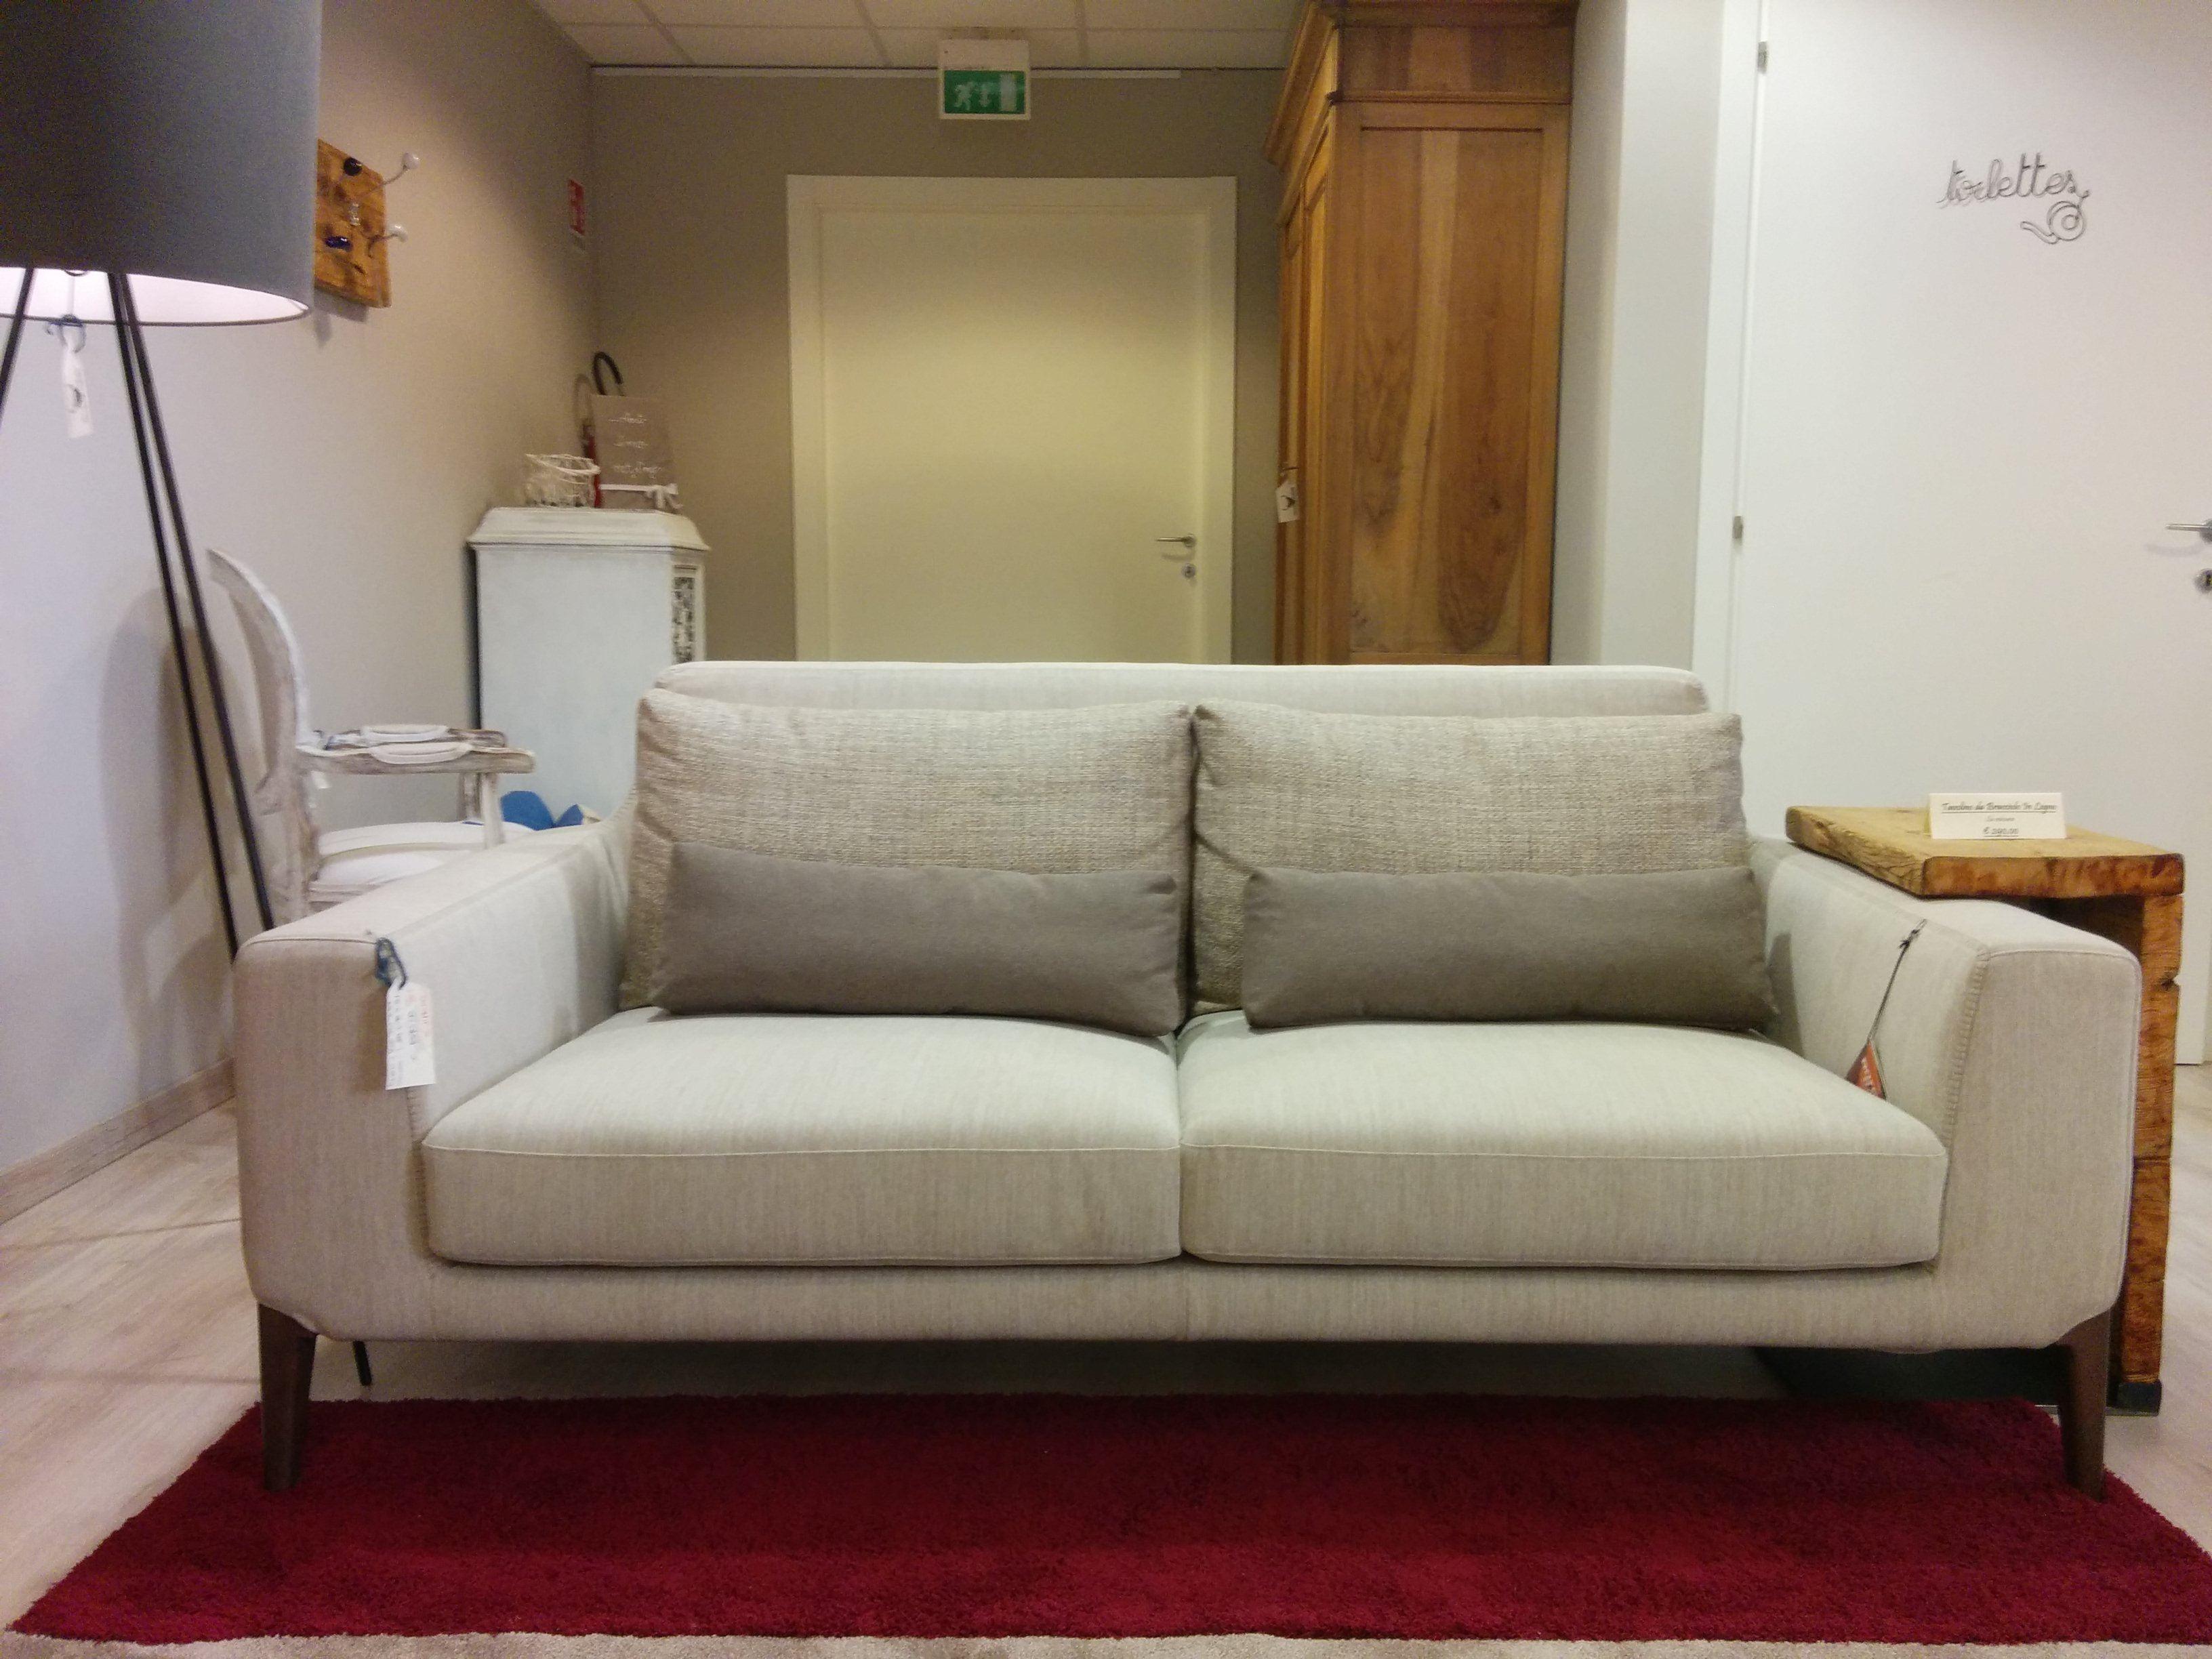 Divano ditre italia mod miller in tessuto con poggia reni scontato del 35 divani a prezzi - Divano letto ovvio ...